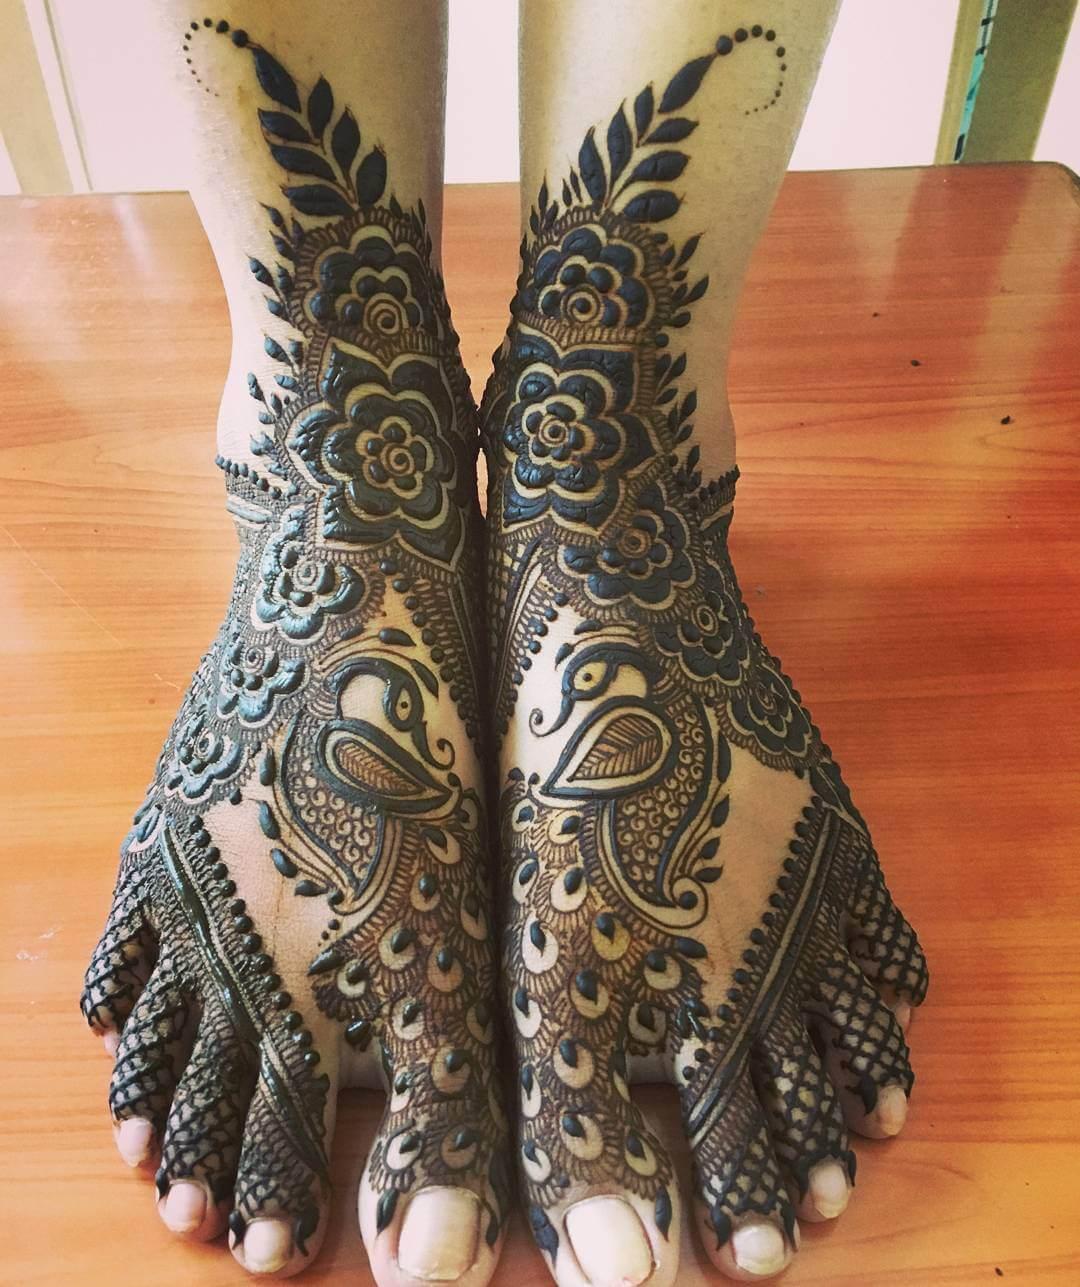 Grand Peacock Mehndi Design For Feet